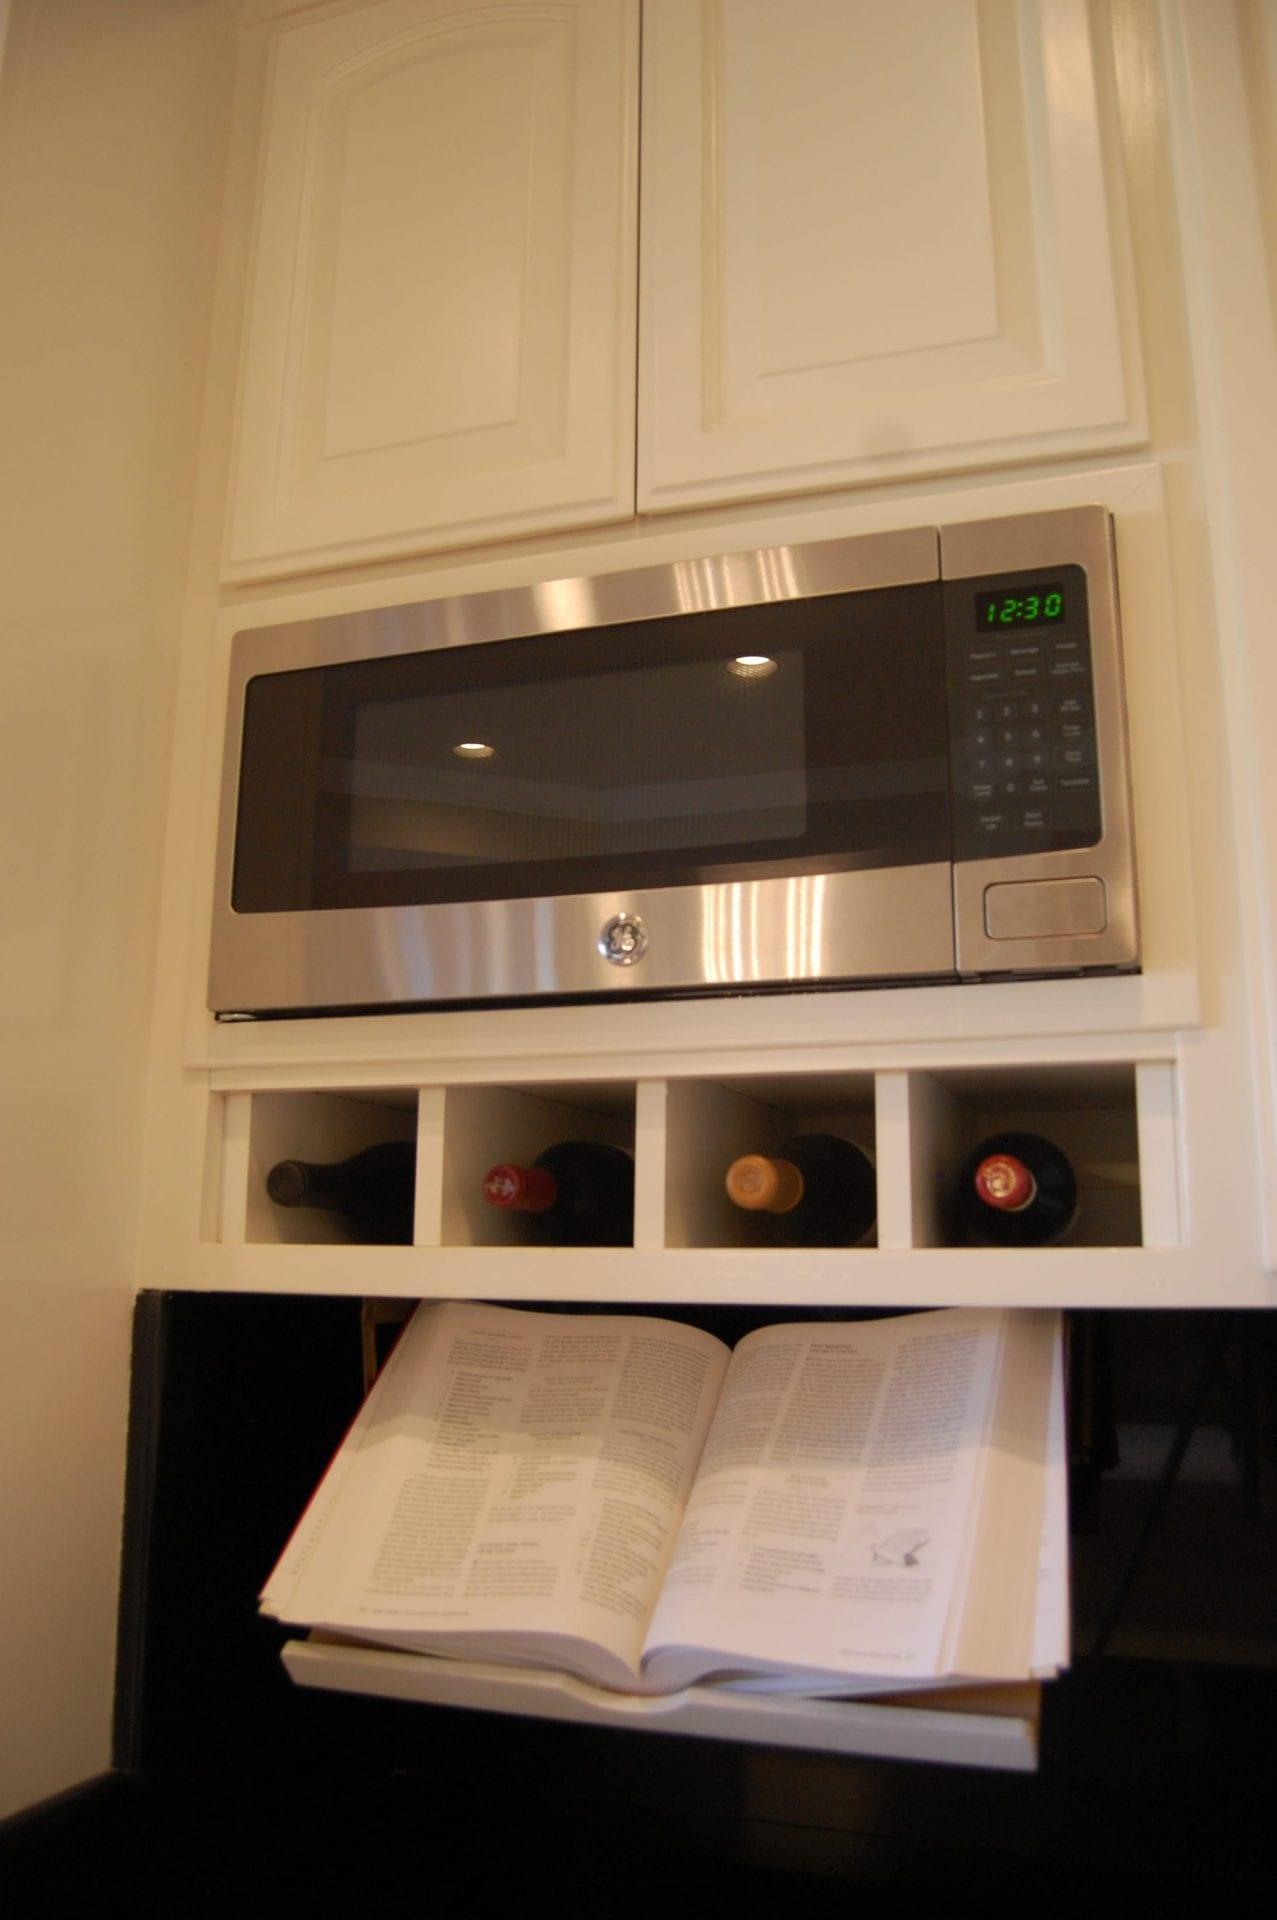 replaced vintage microwave